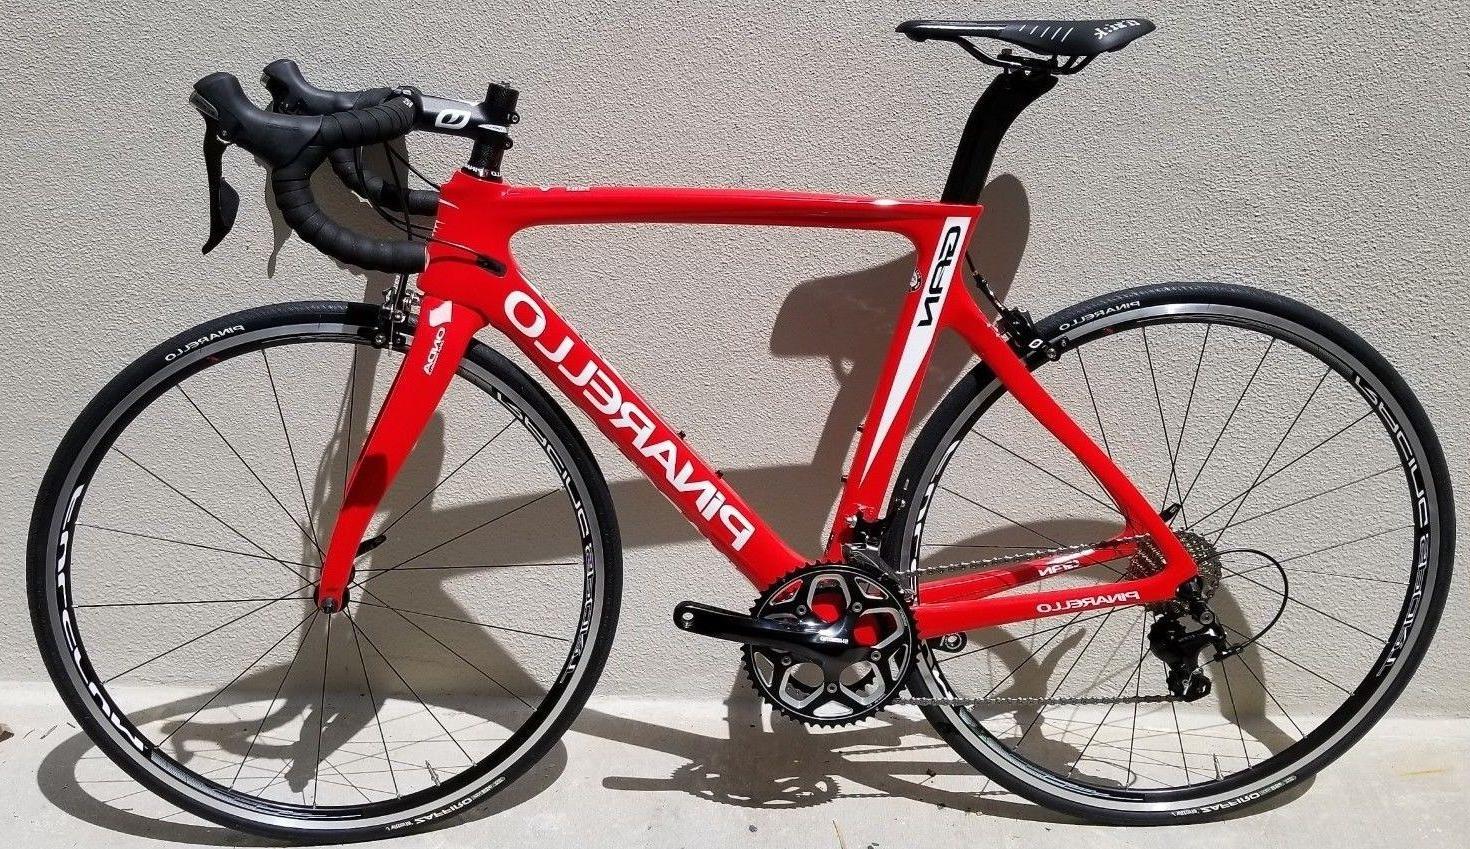 Pinarello Gan 105 Red / White Road Bike - 53cm